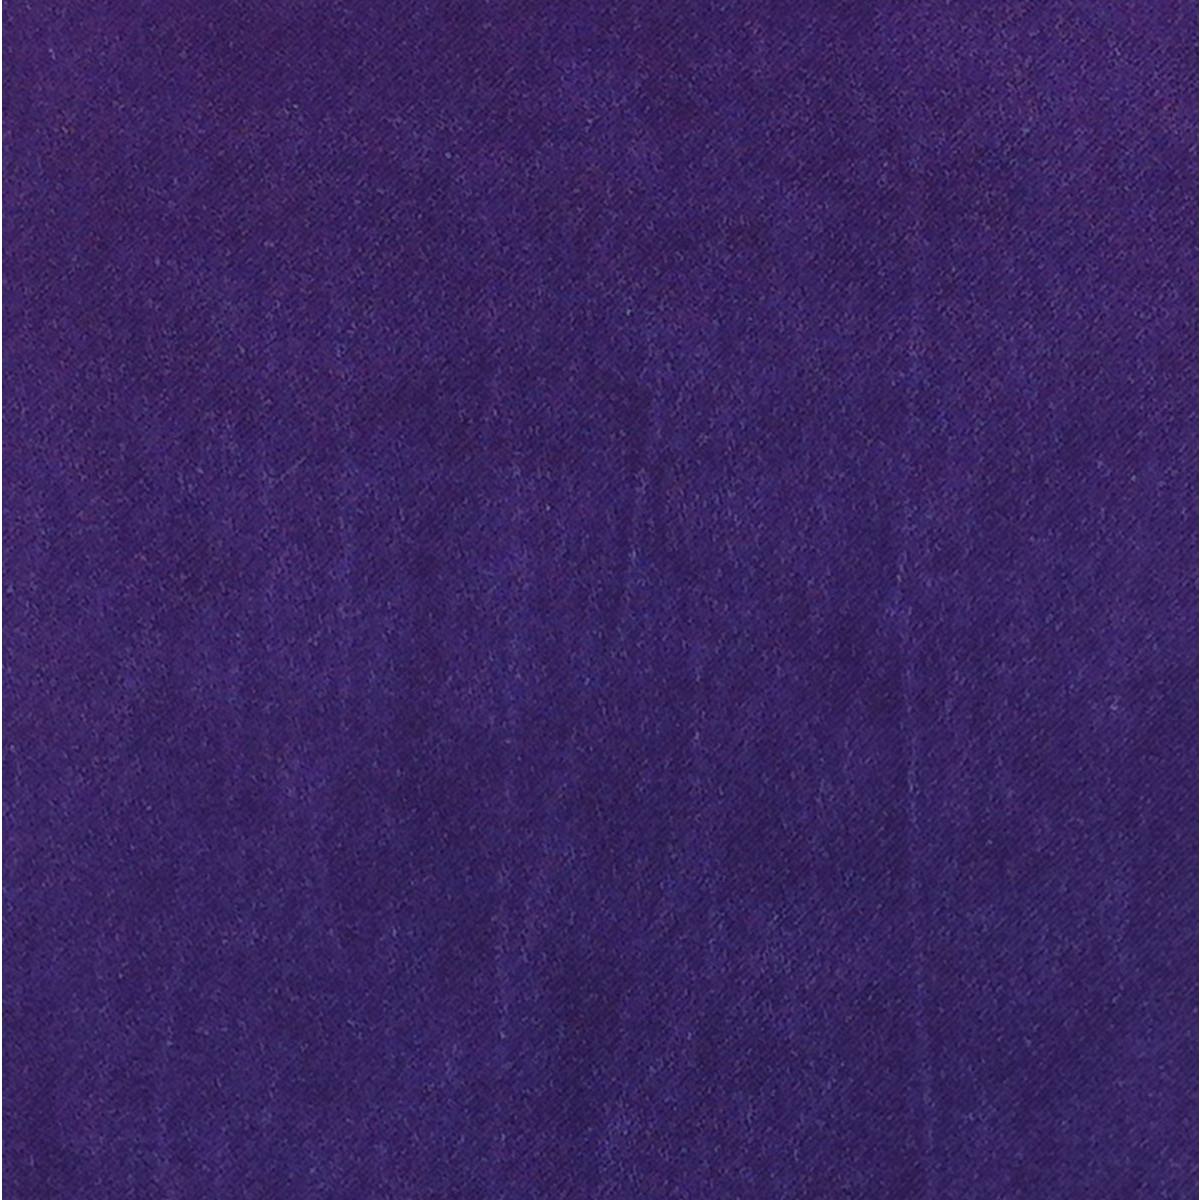 Couleur violet mademoiselle rose chaussures de mari e - Couleur rose violet ...